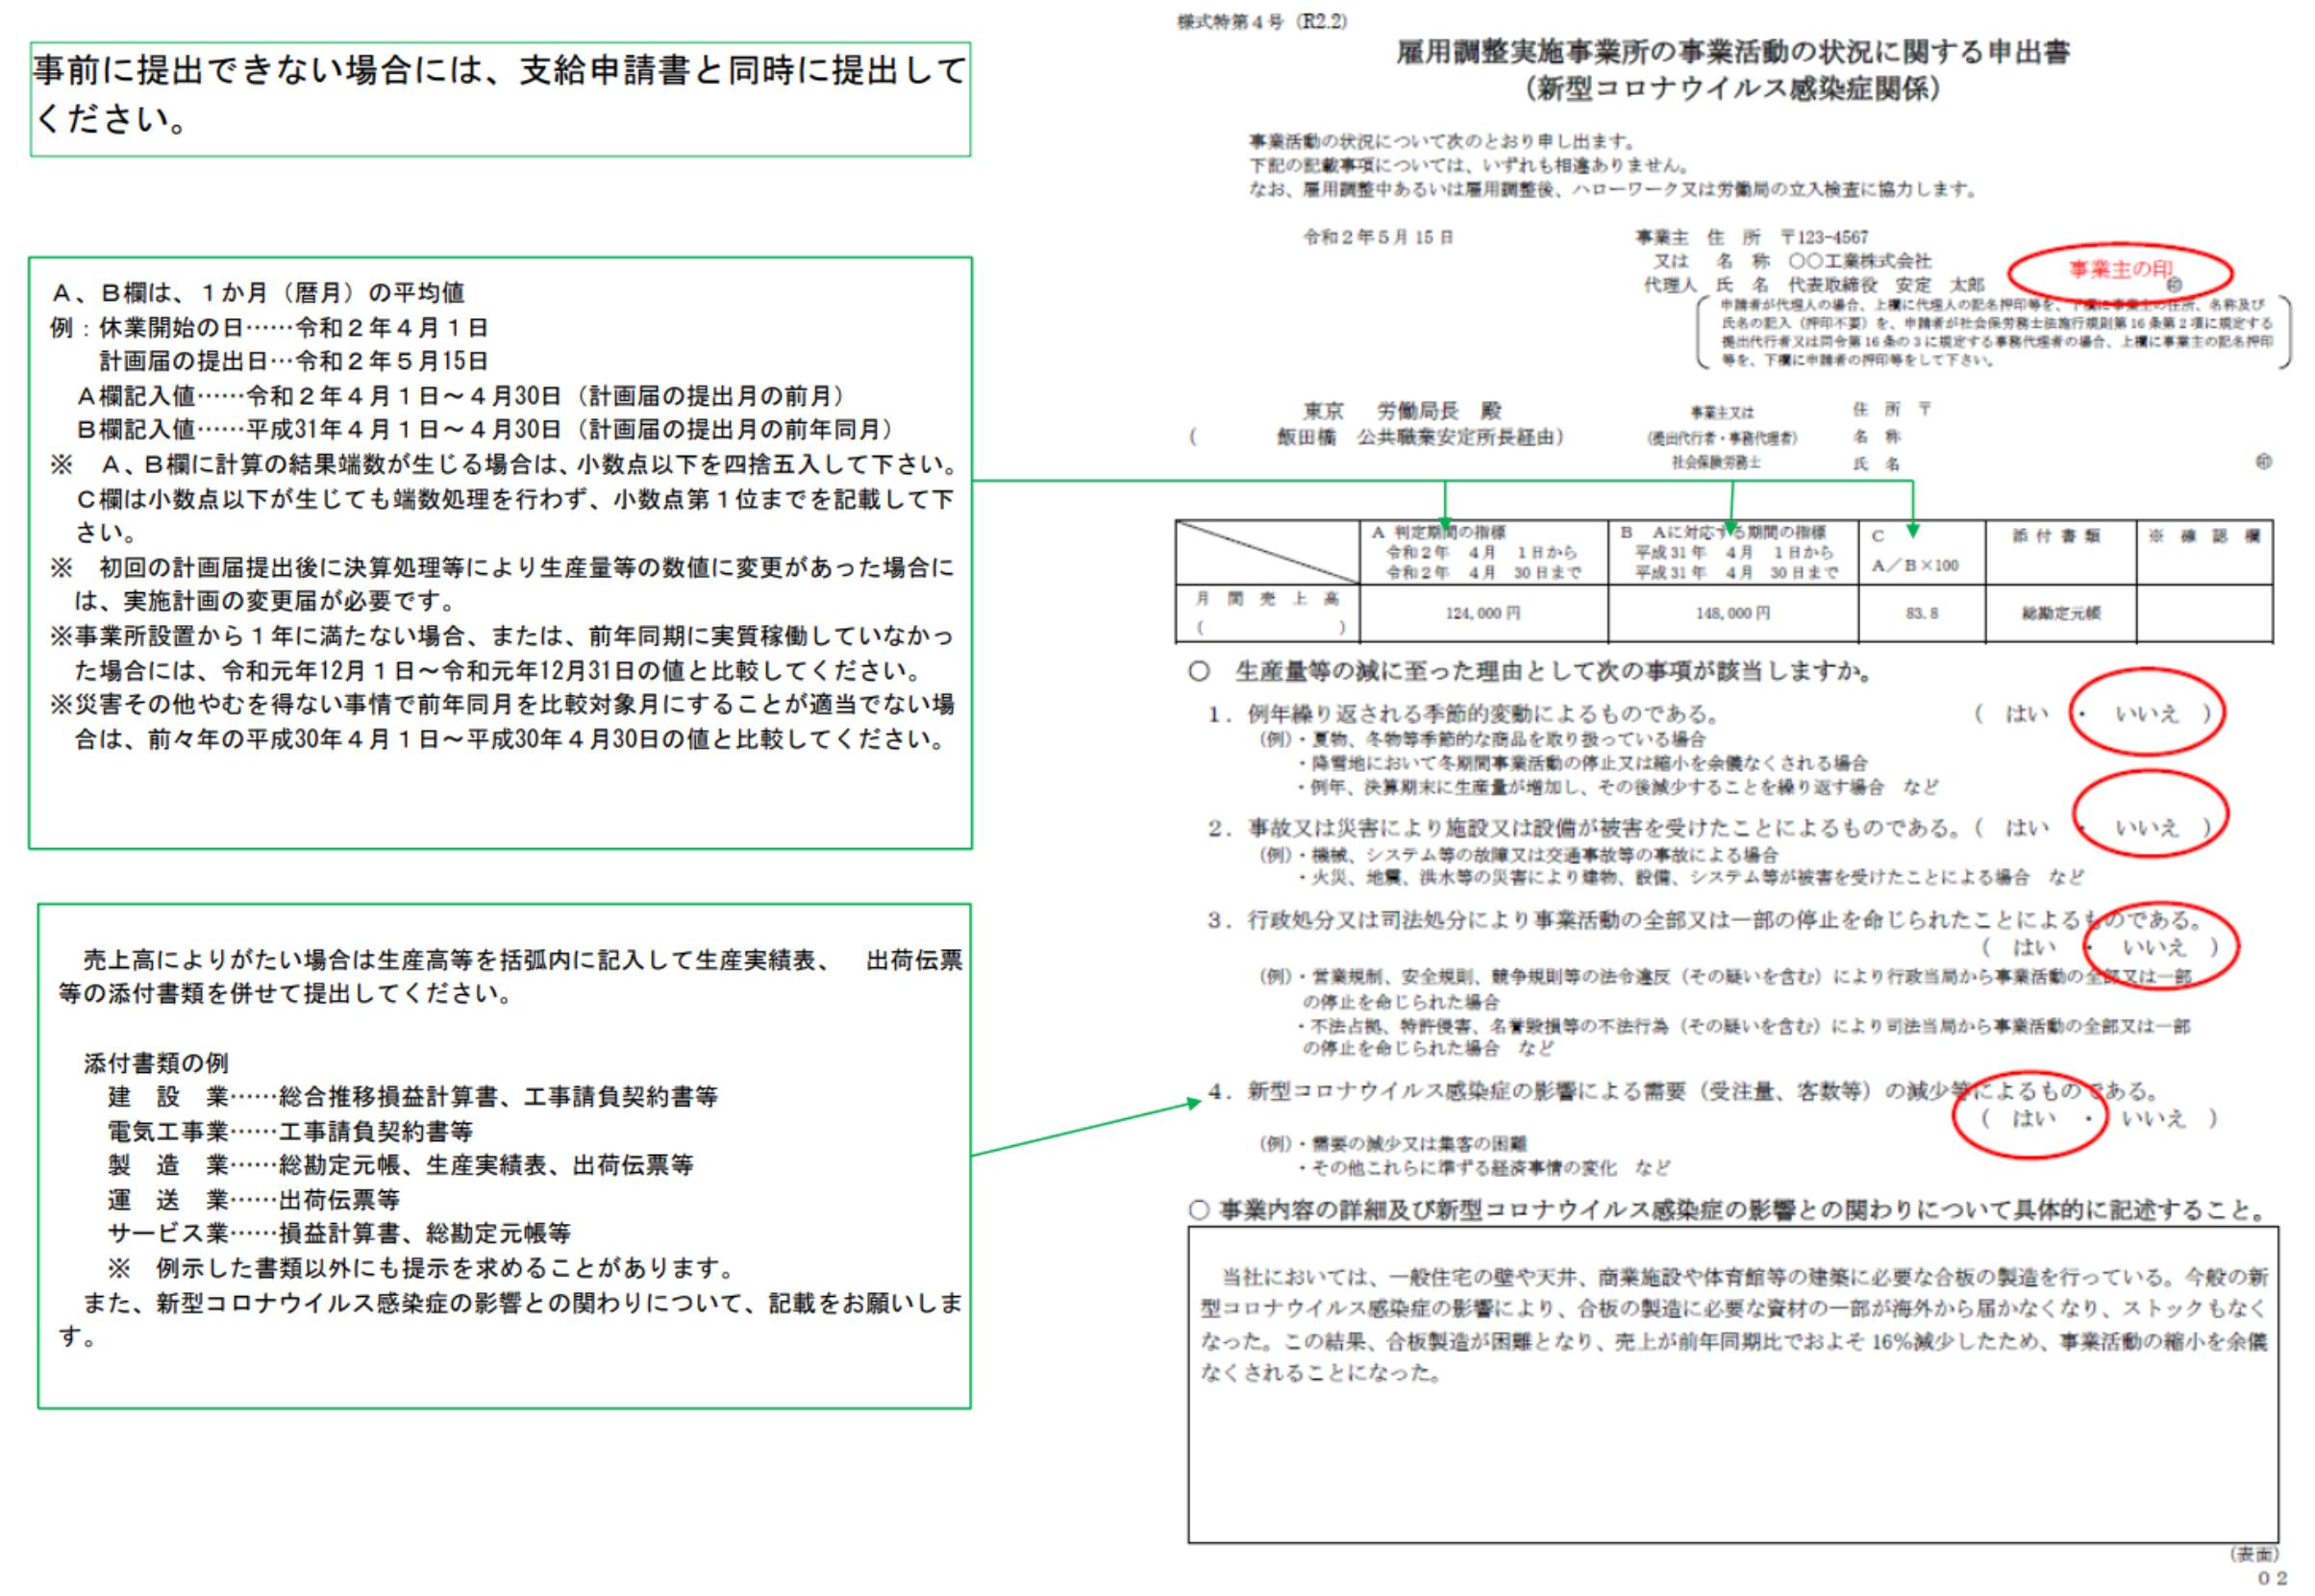 雇用調整実施事業所の事業活動の状況に関する申出書